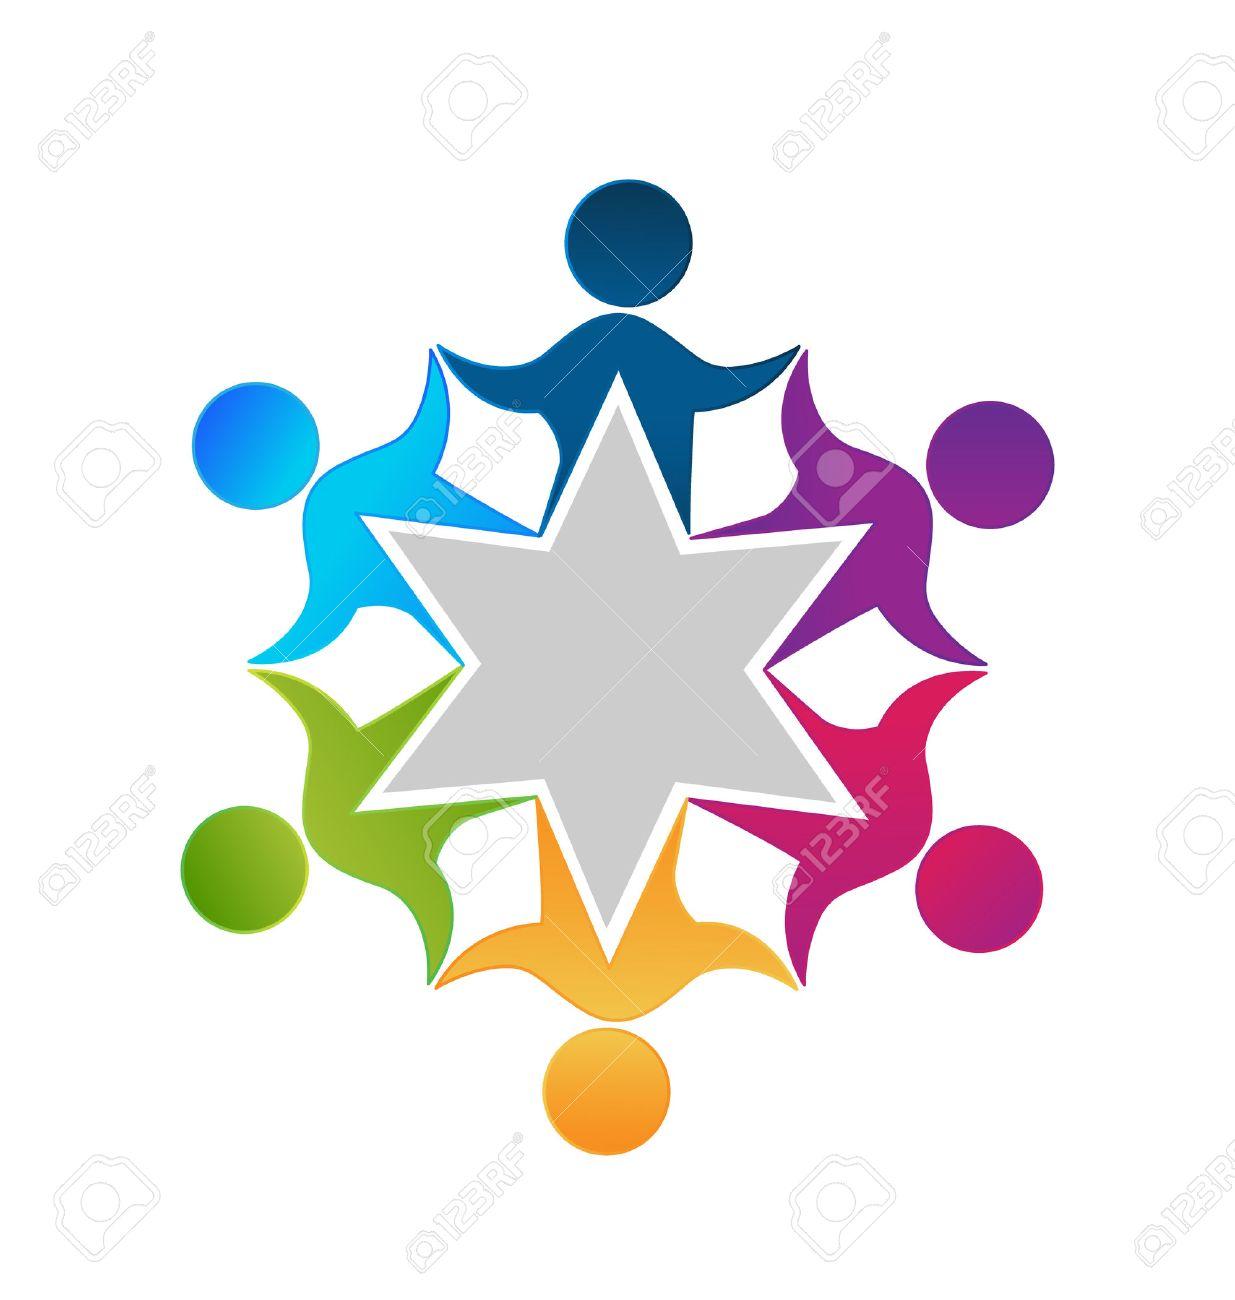 Teamwork Einheit Beschäftigten Menschen Logo-Design Vektor ...